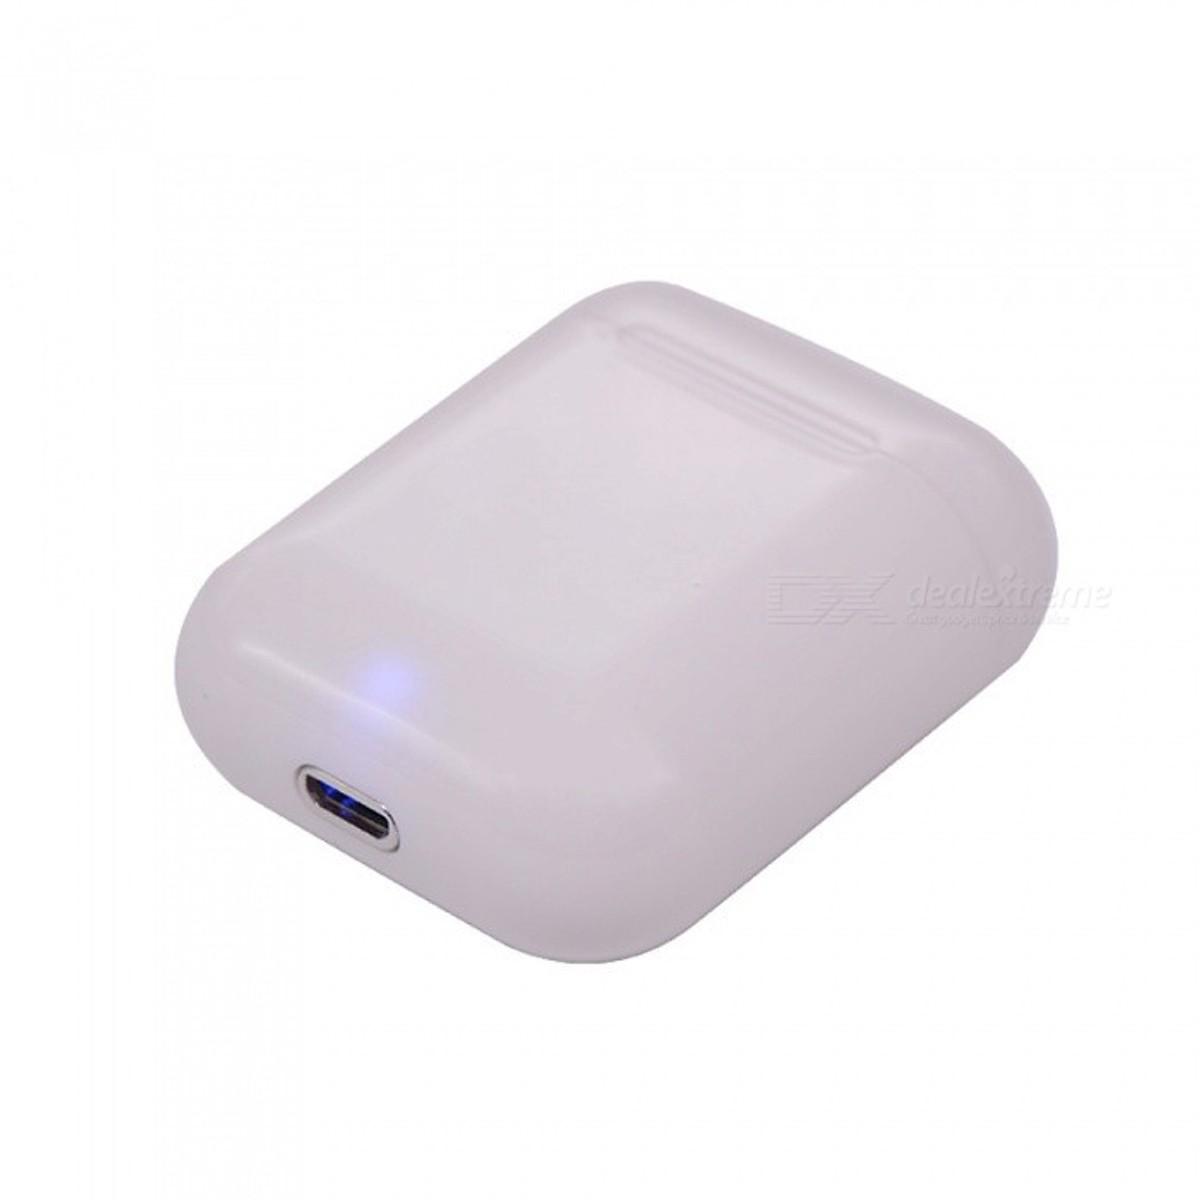 Tai nghe 2 tai Bluetooth không dây i9s chính hãng cho IPhone, Android - Hàng chính hãng + Tặng vòng đeo tay RUBY